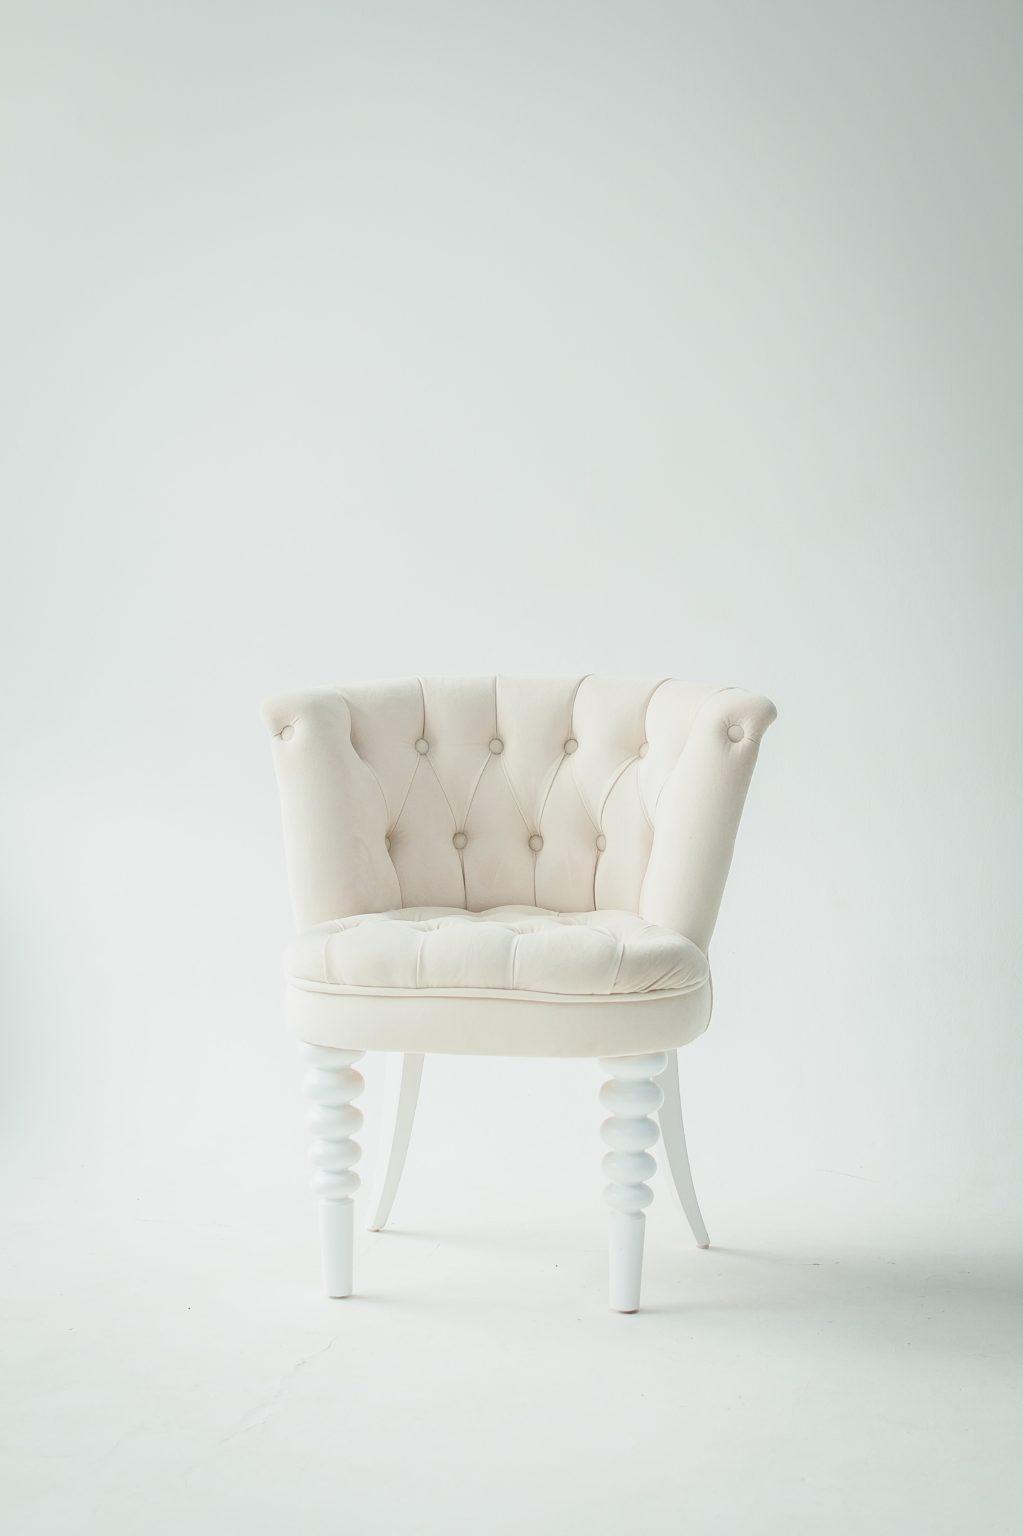 5 Conseils pour acheter un meuble d'occasion